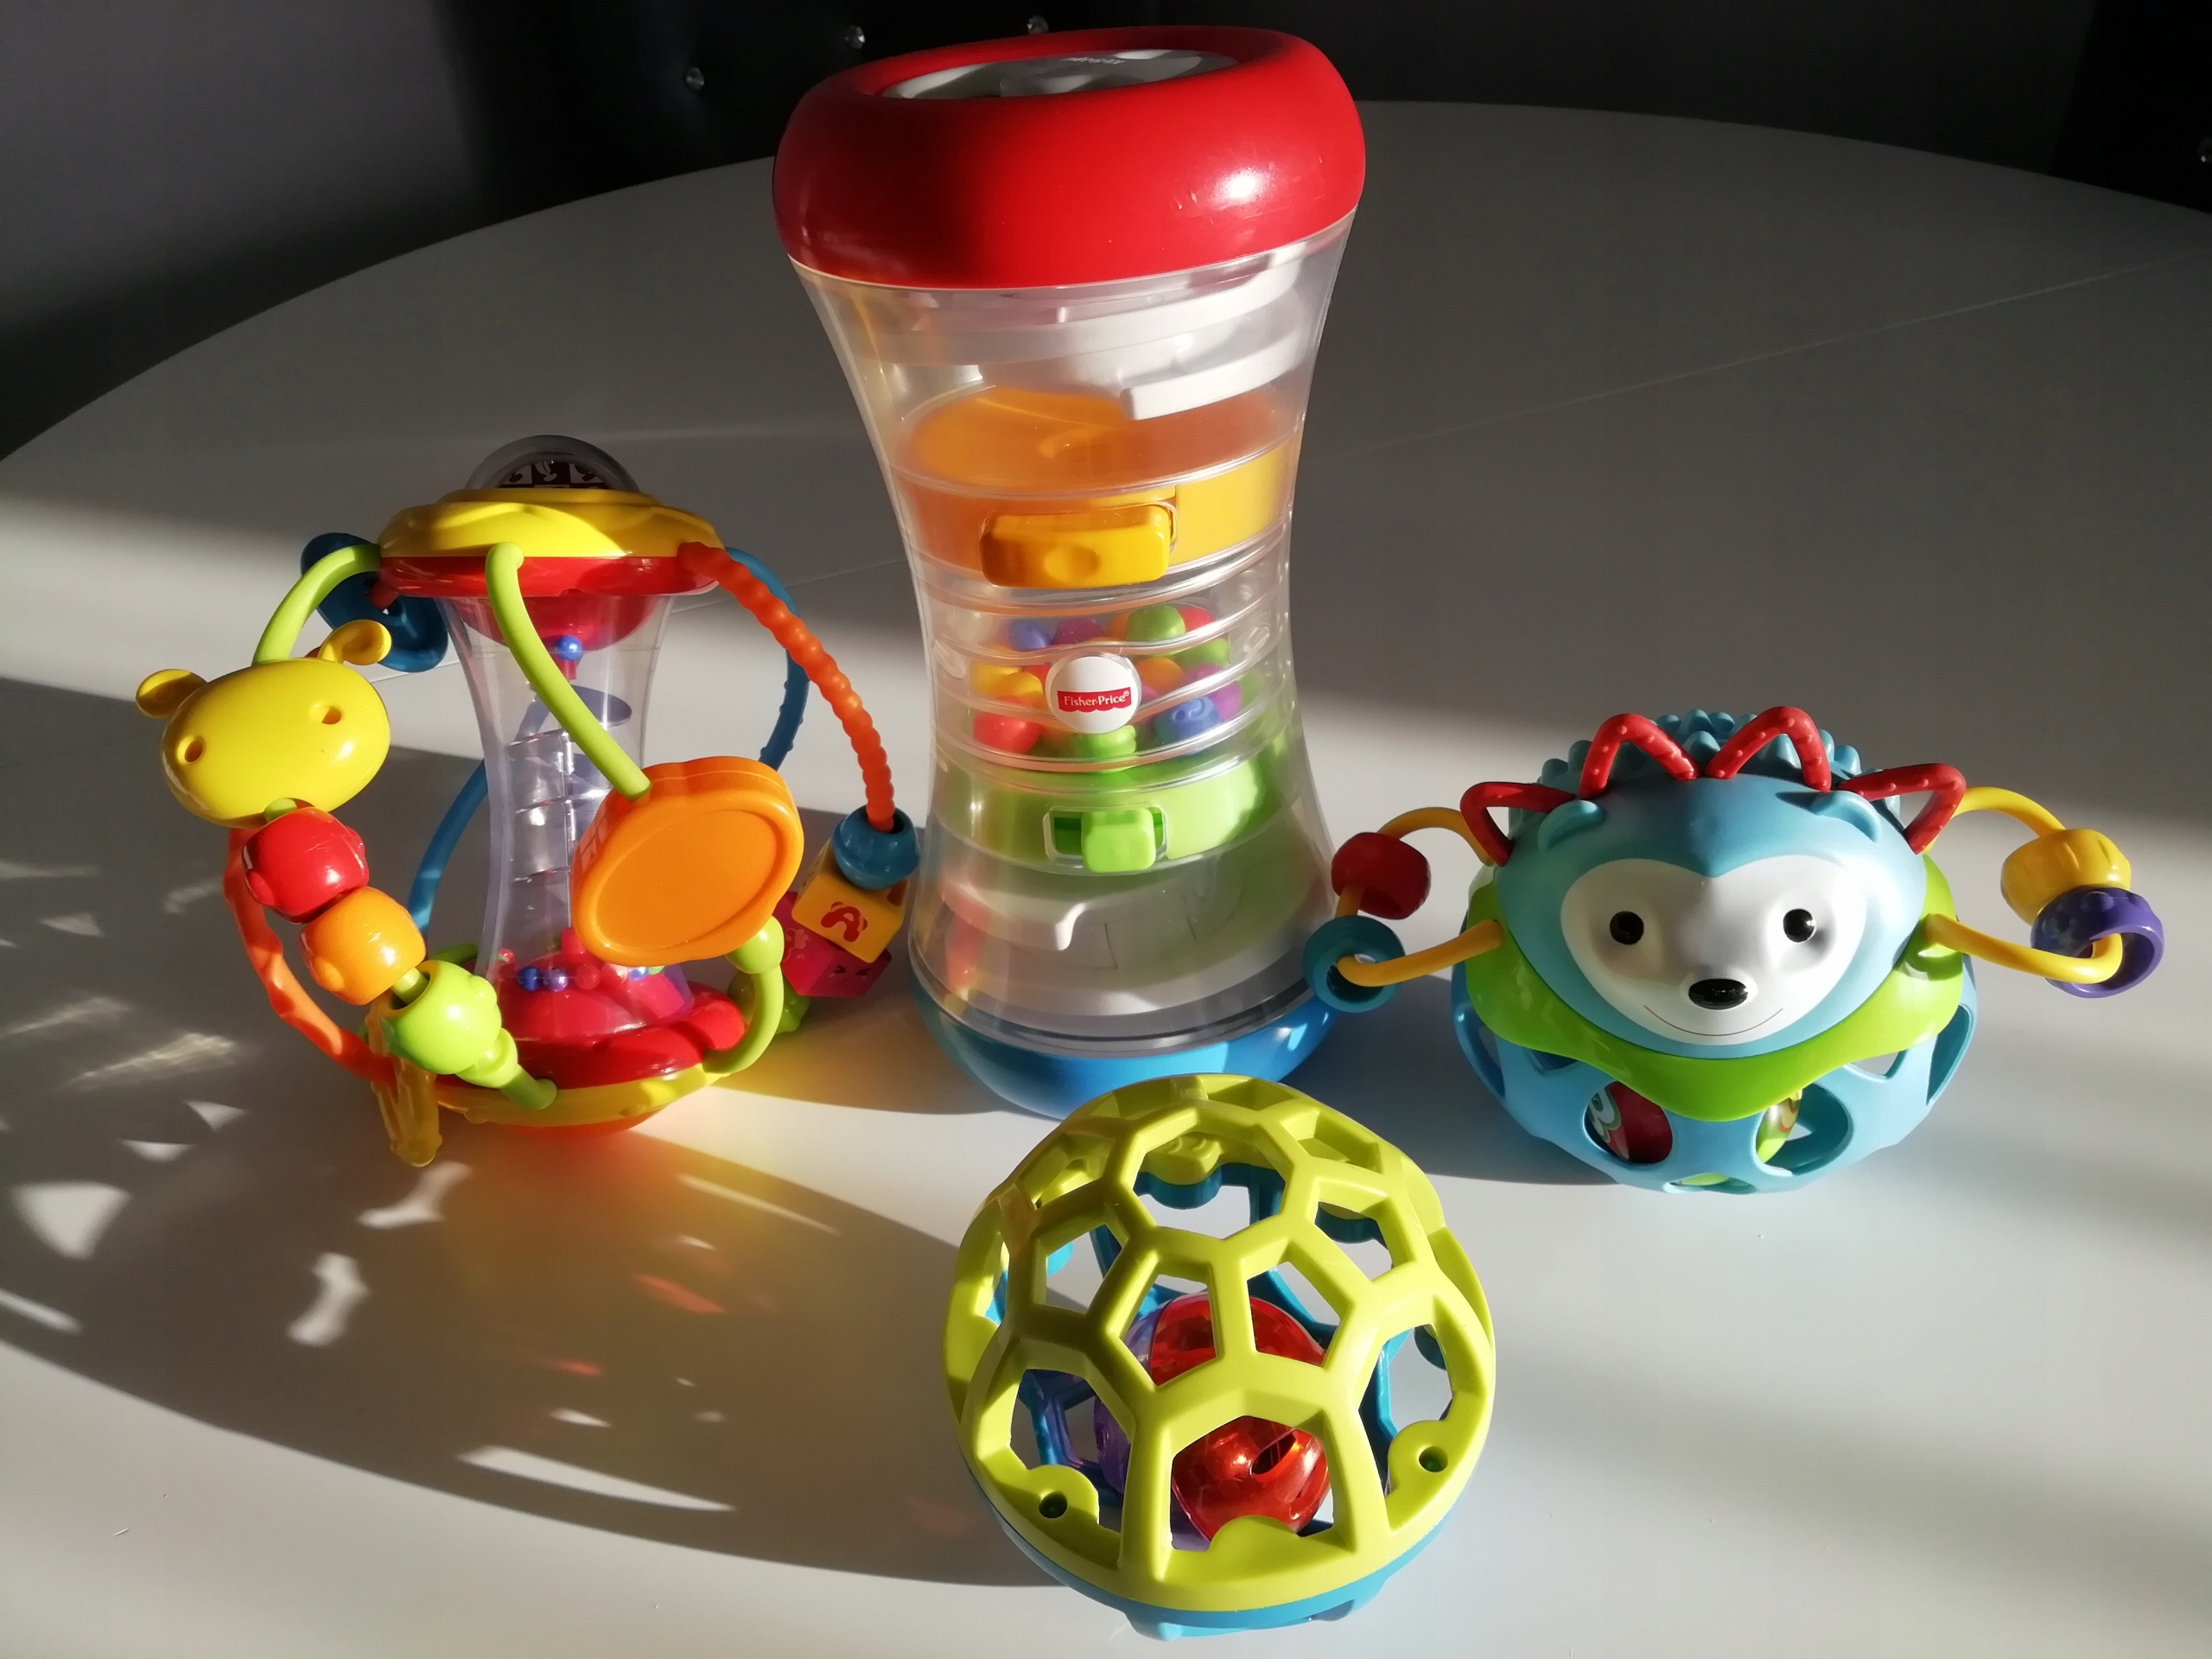 Zestaw 4 zabawek jak nowe